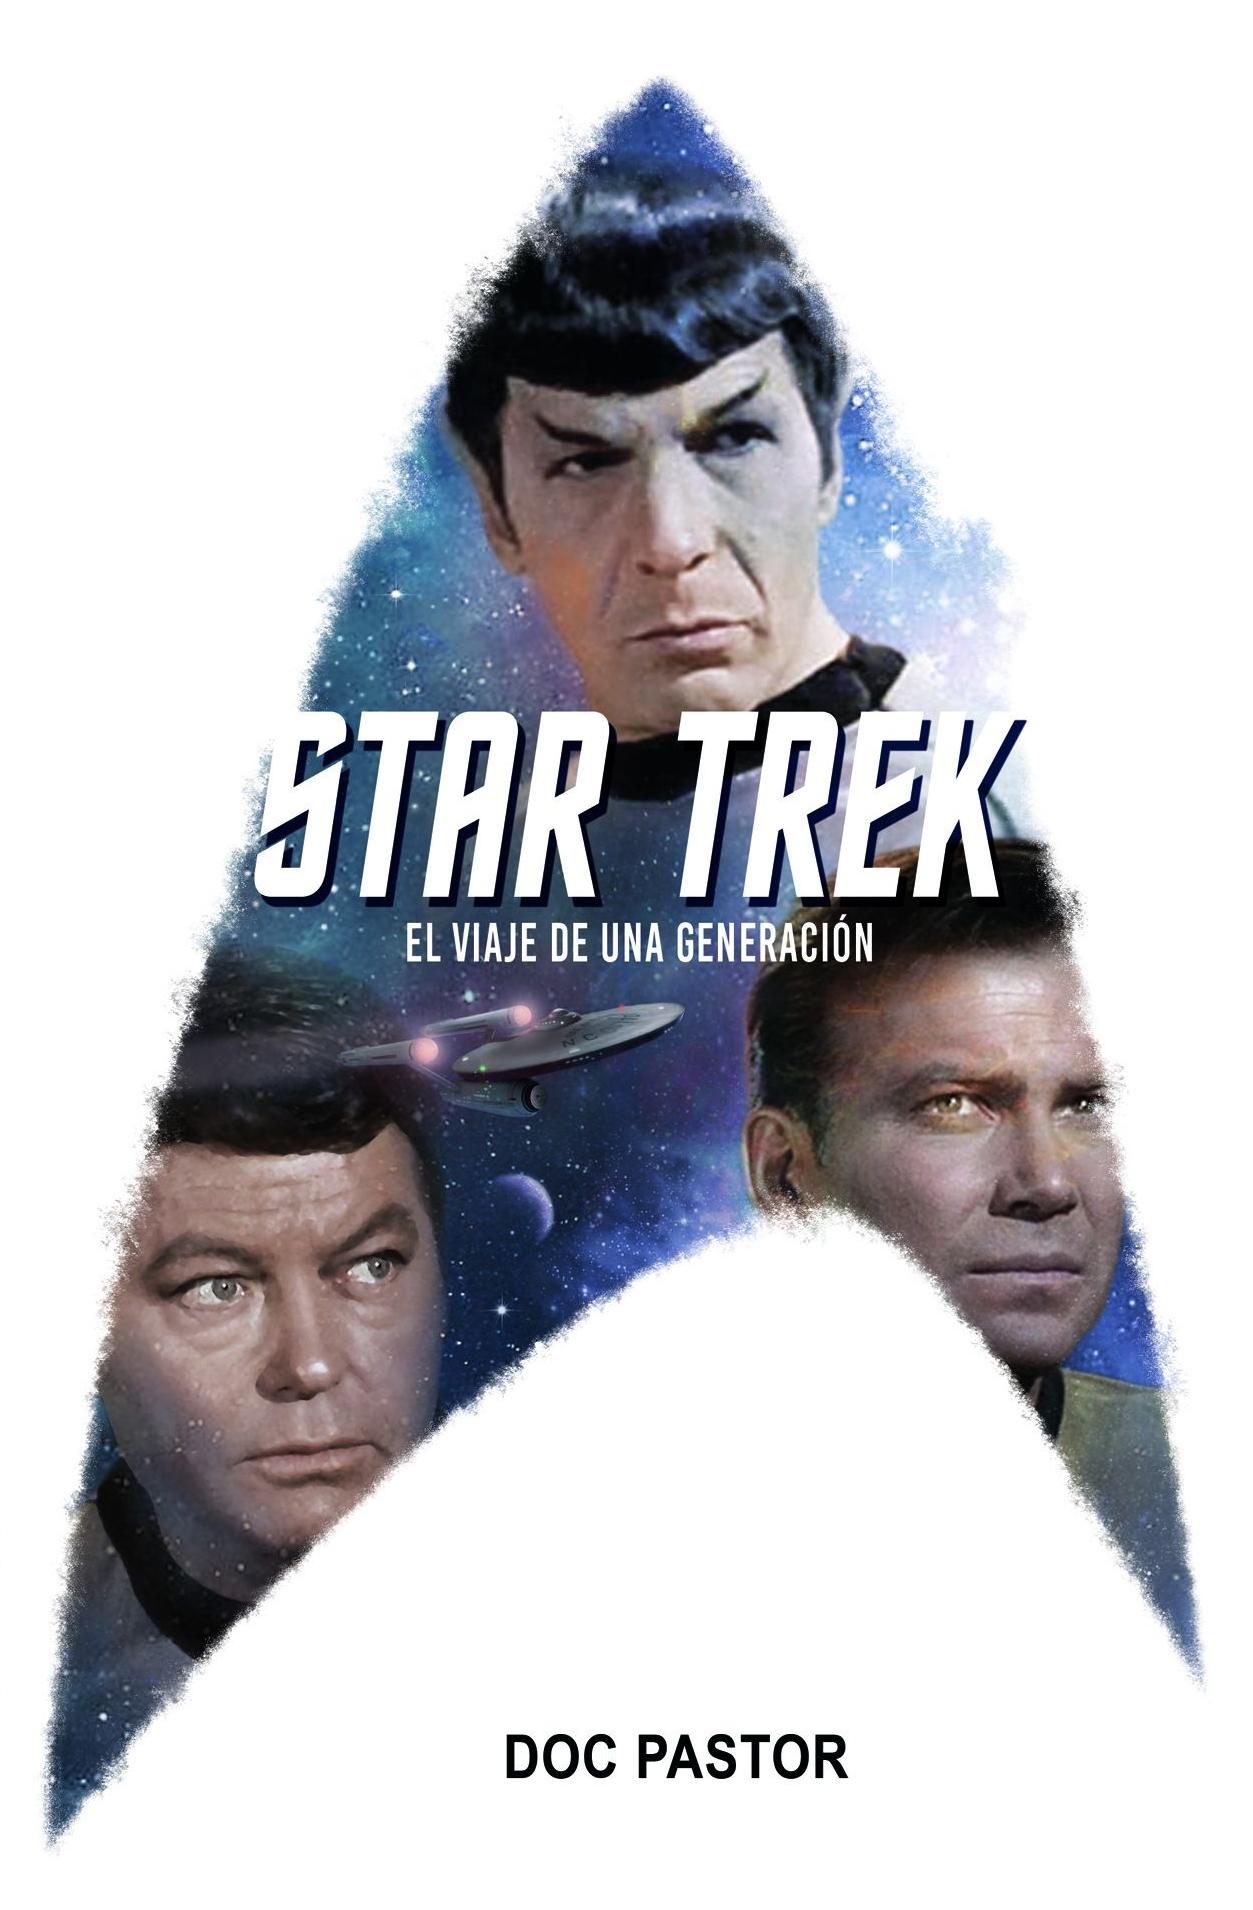 Star Trek: El viaje de una generación